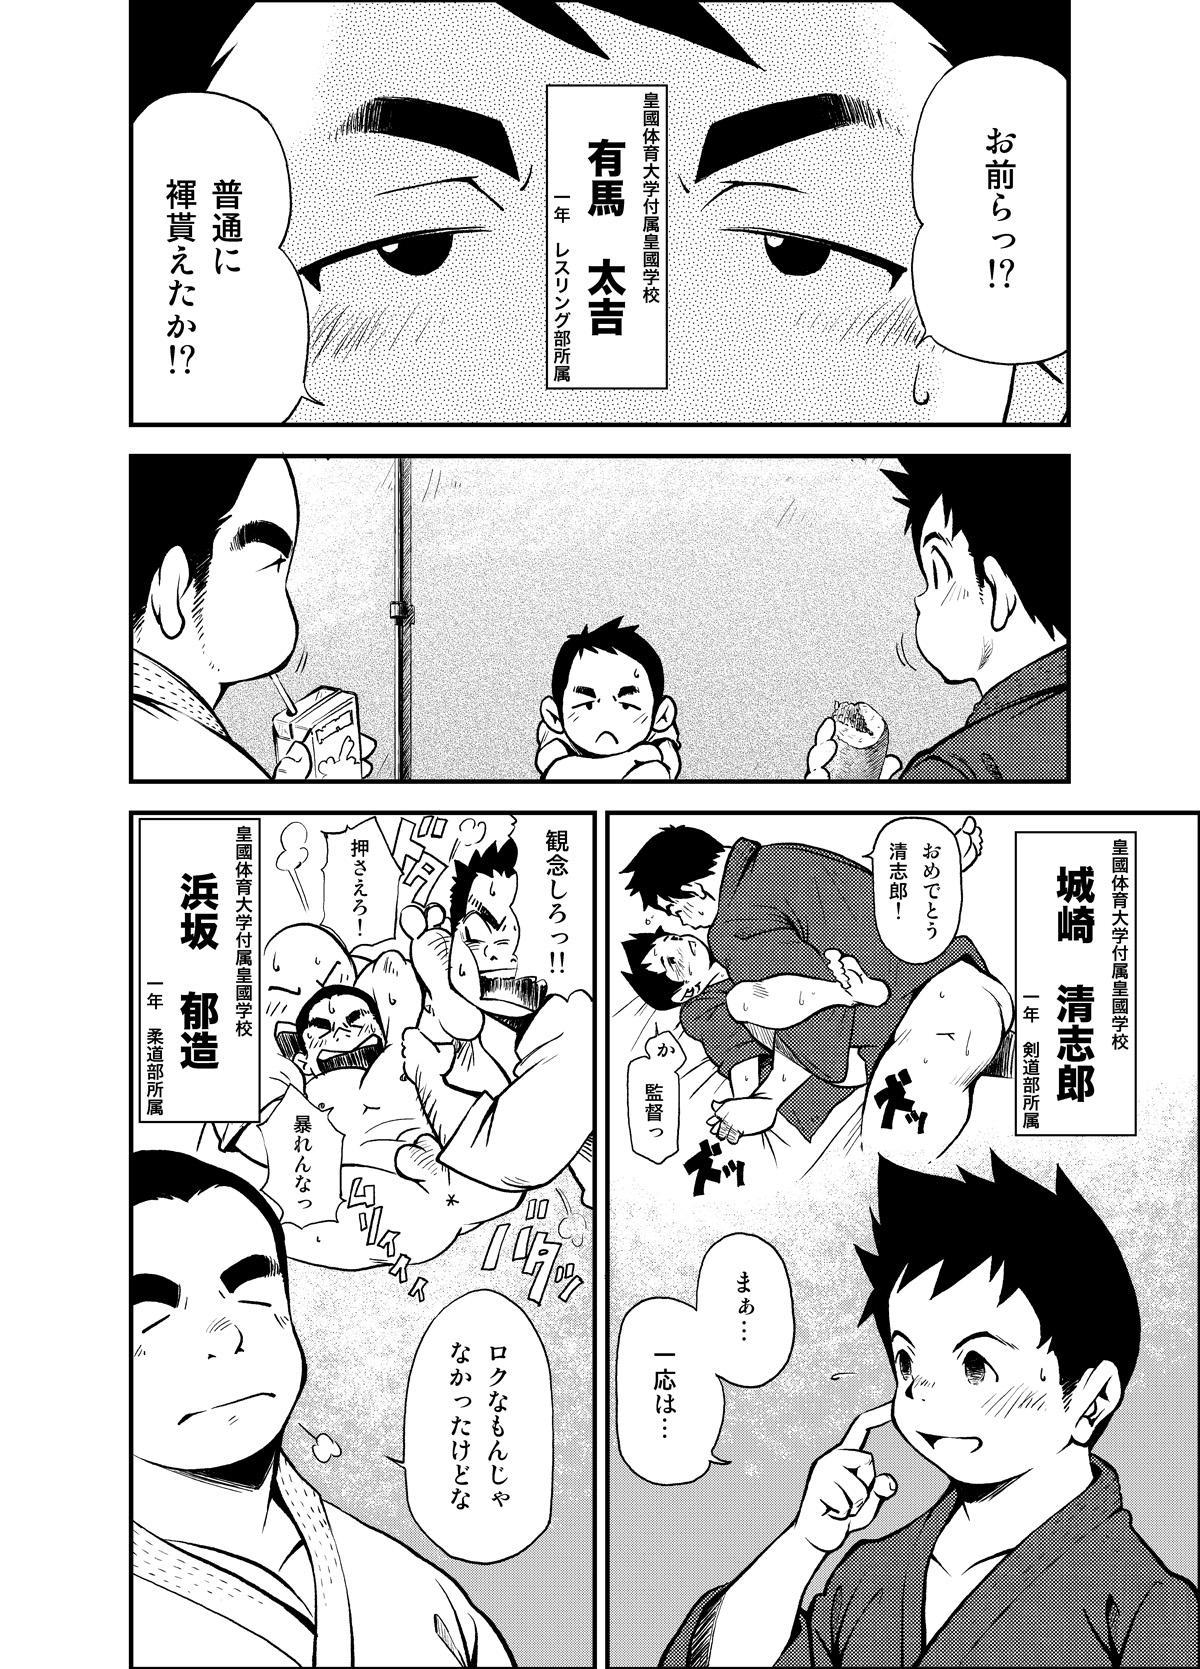 Tadashii Danshi no Kyouren Hou 5